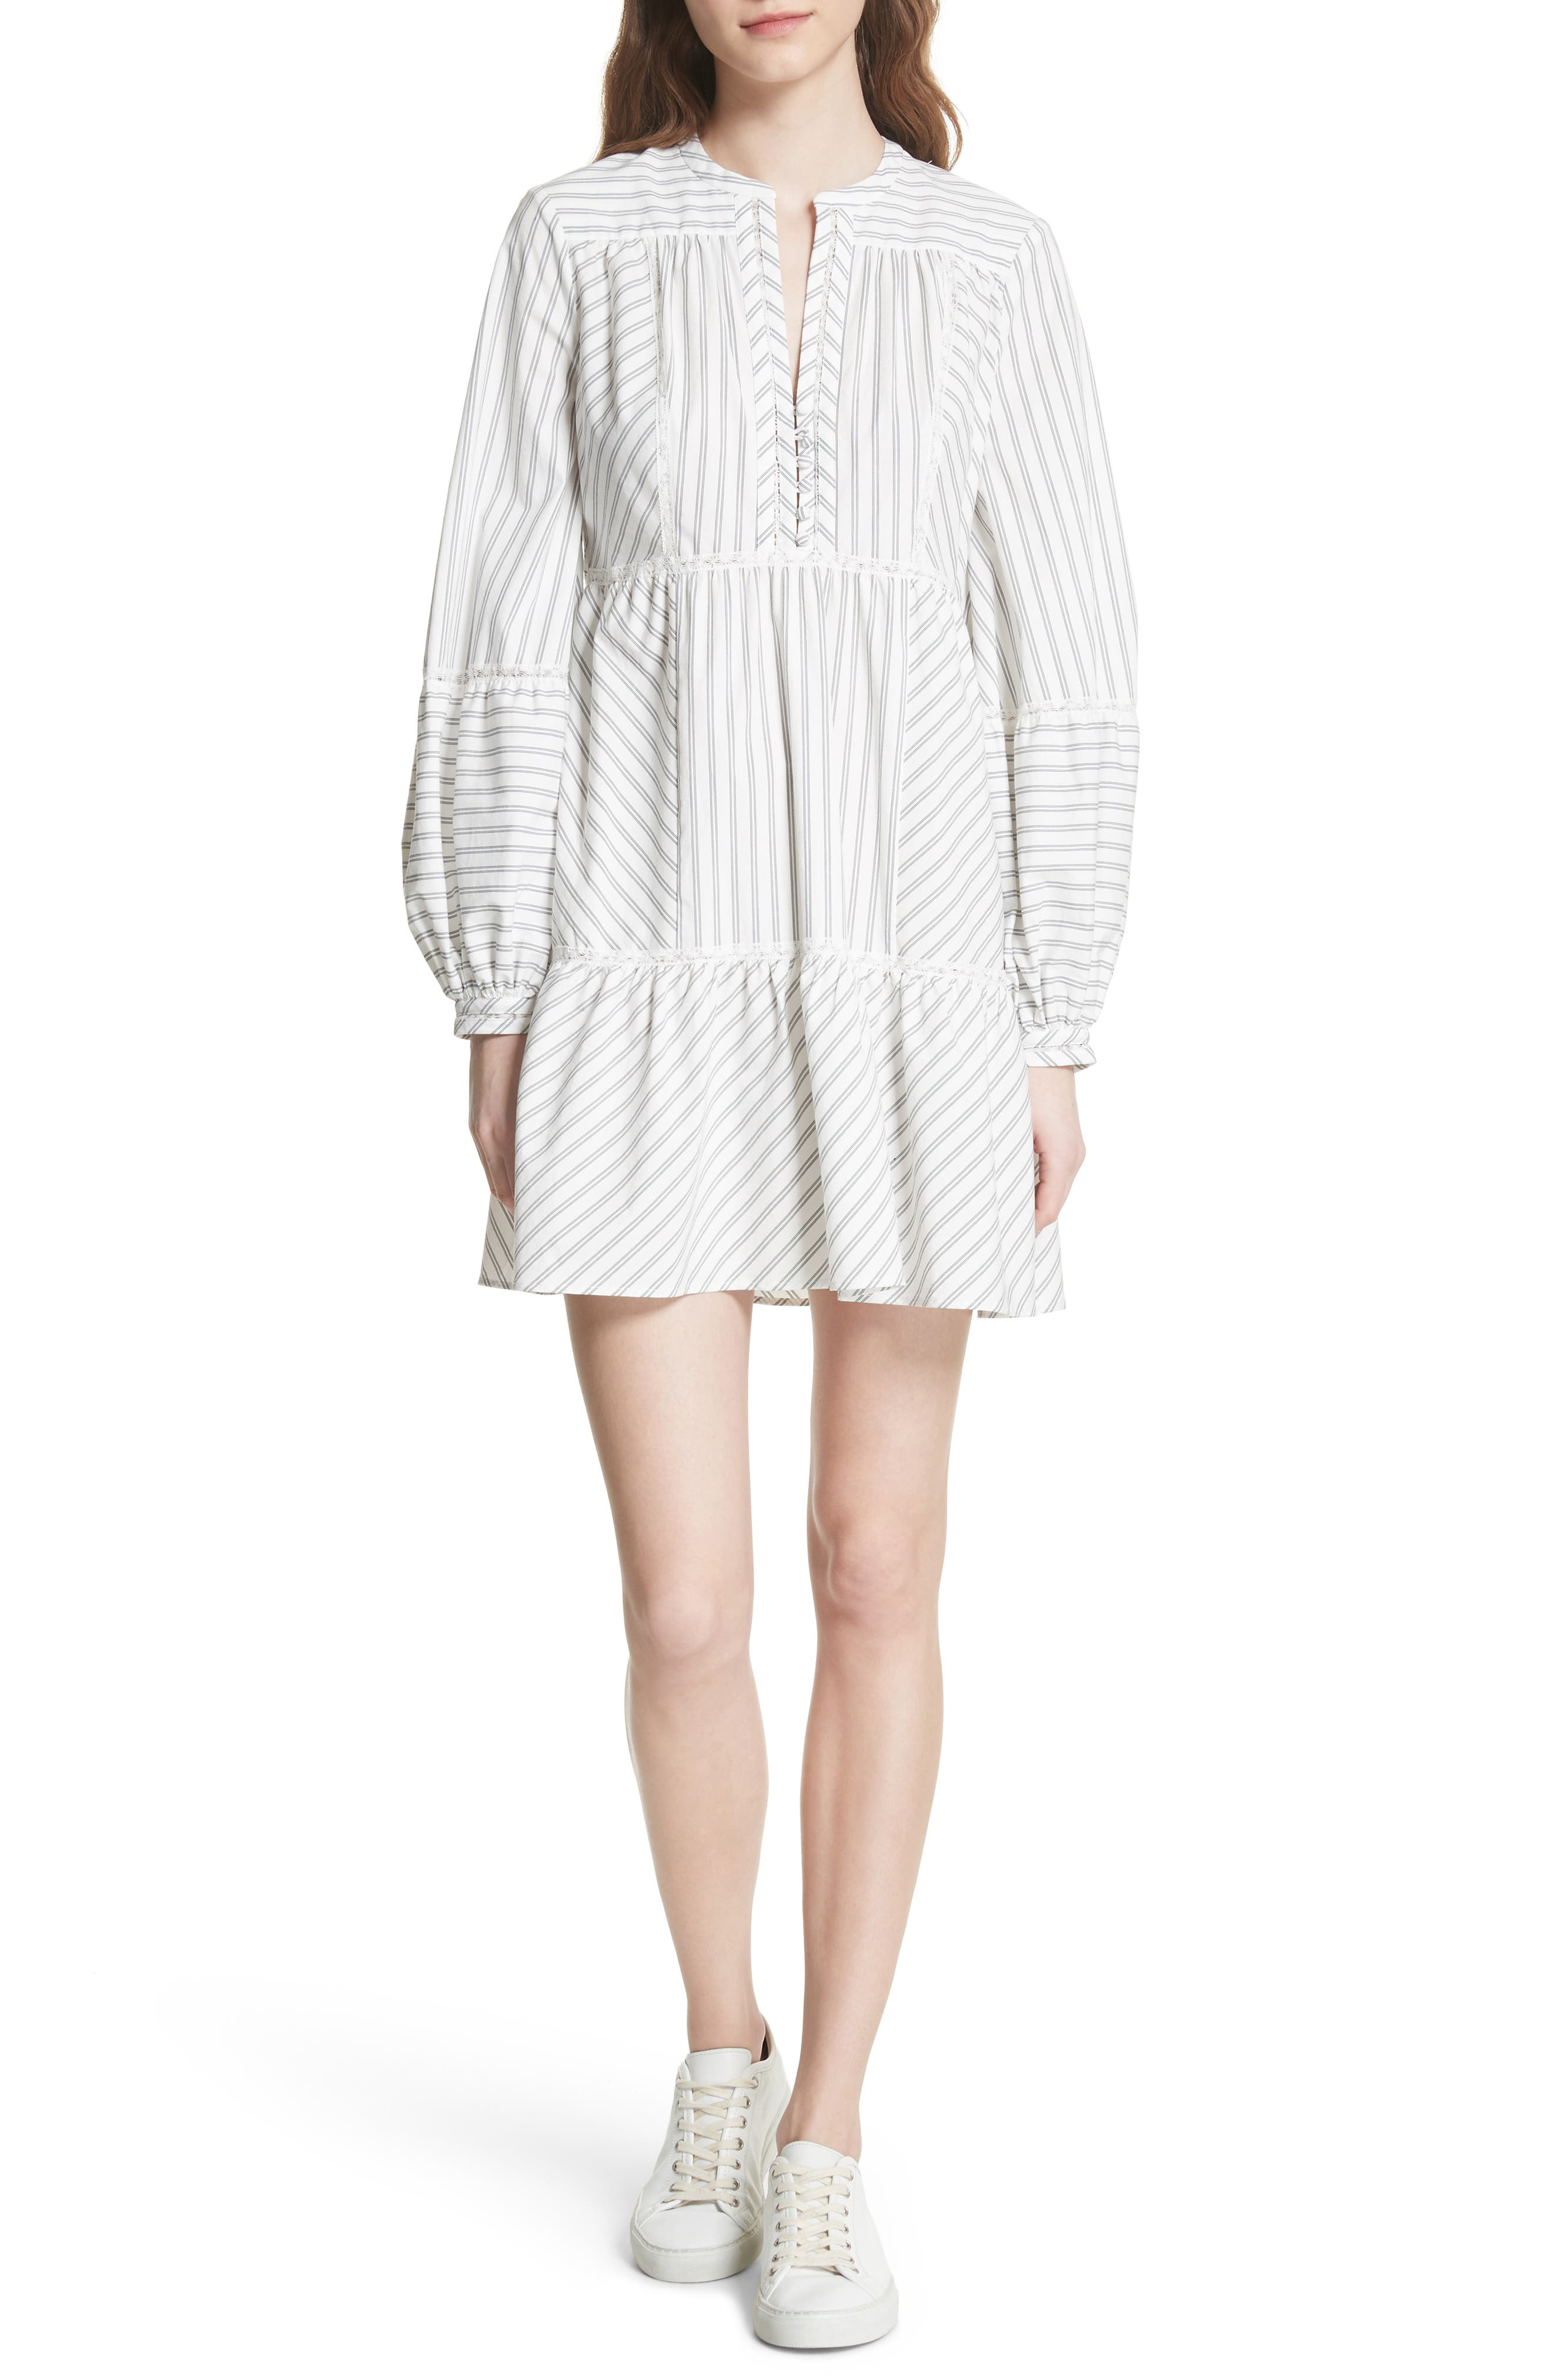 JOIE Marison Stripe A-Line Dress, Main, color, 120